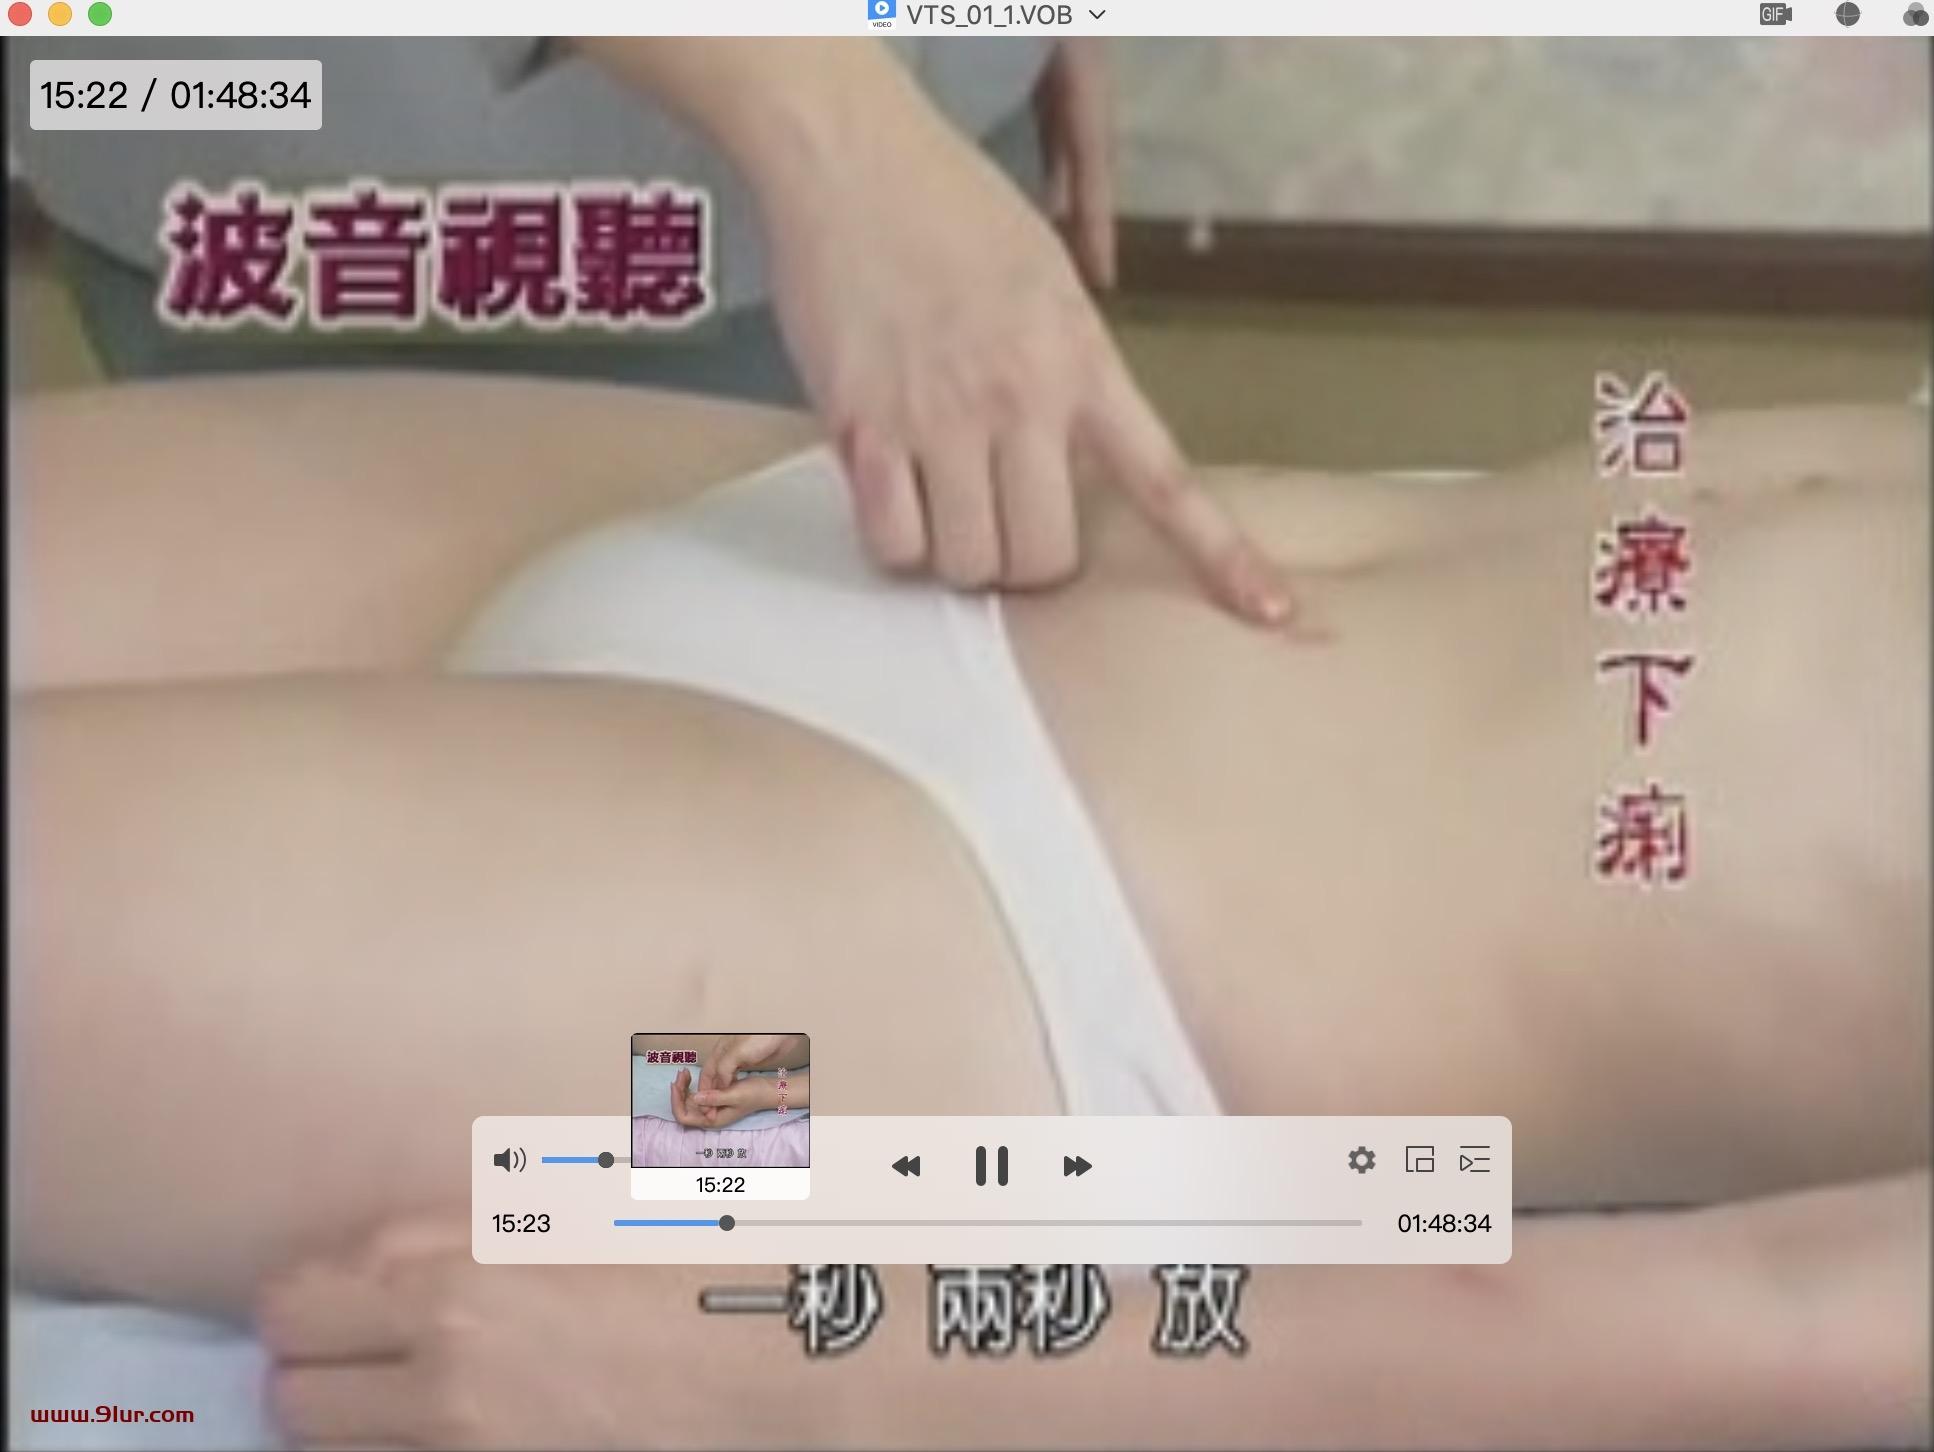 夫妻按摩视频教程#夫妻两性按摩视频教程百度网盘下载